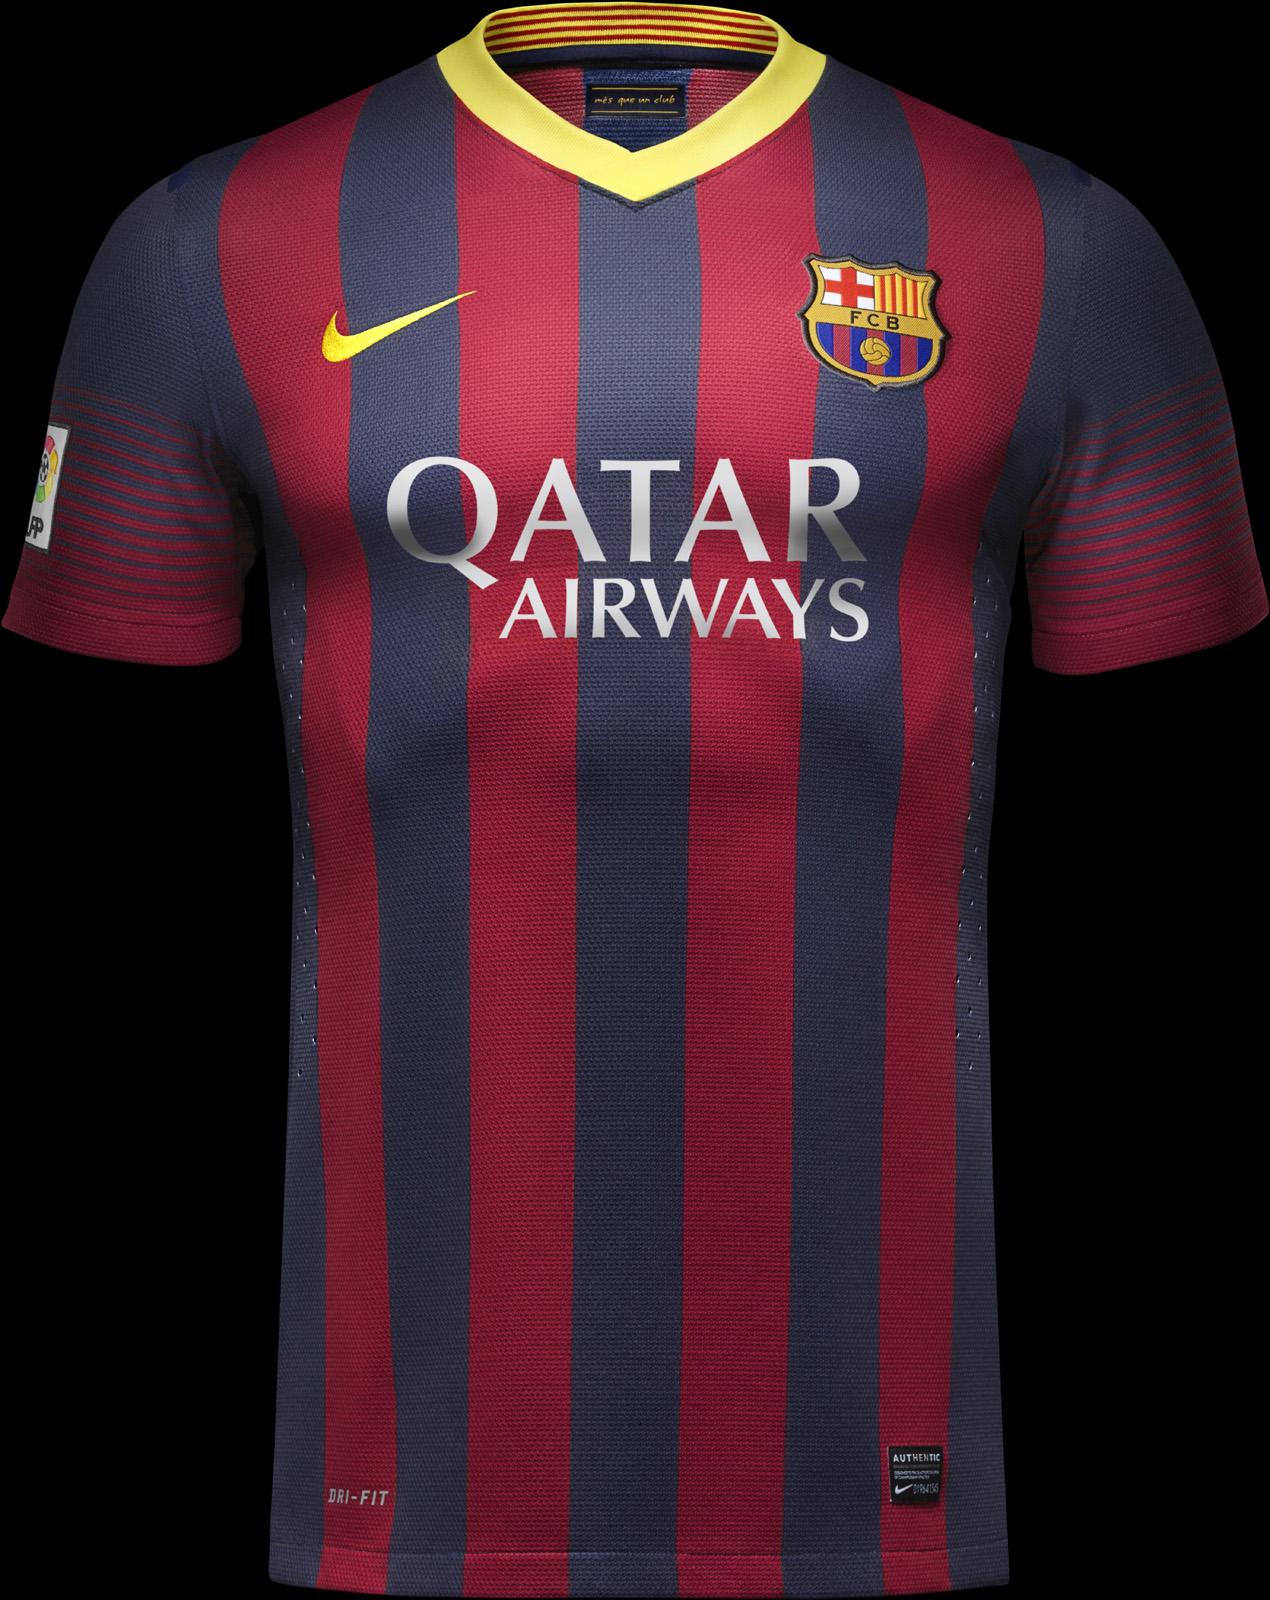 Barcelonský dres na hrudi s komerčným sponzorom (voetbalshirts.com)